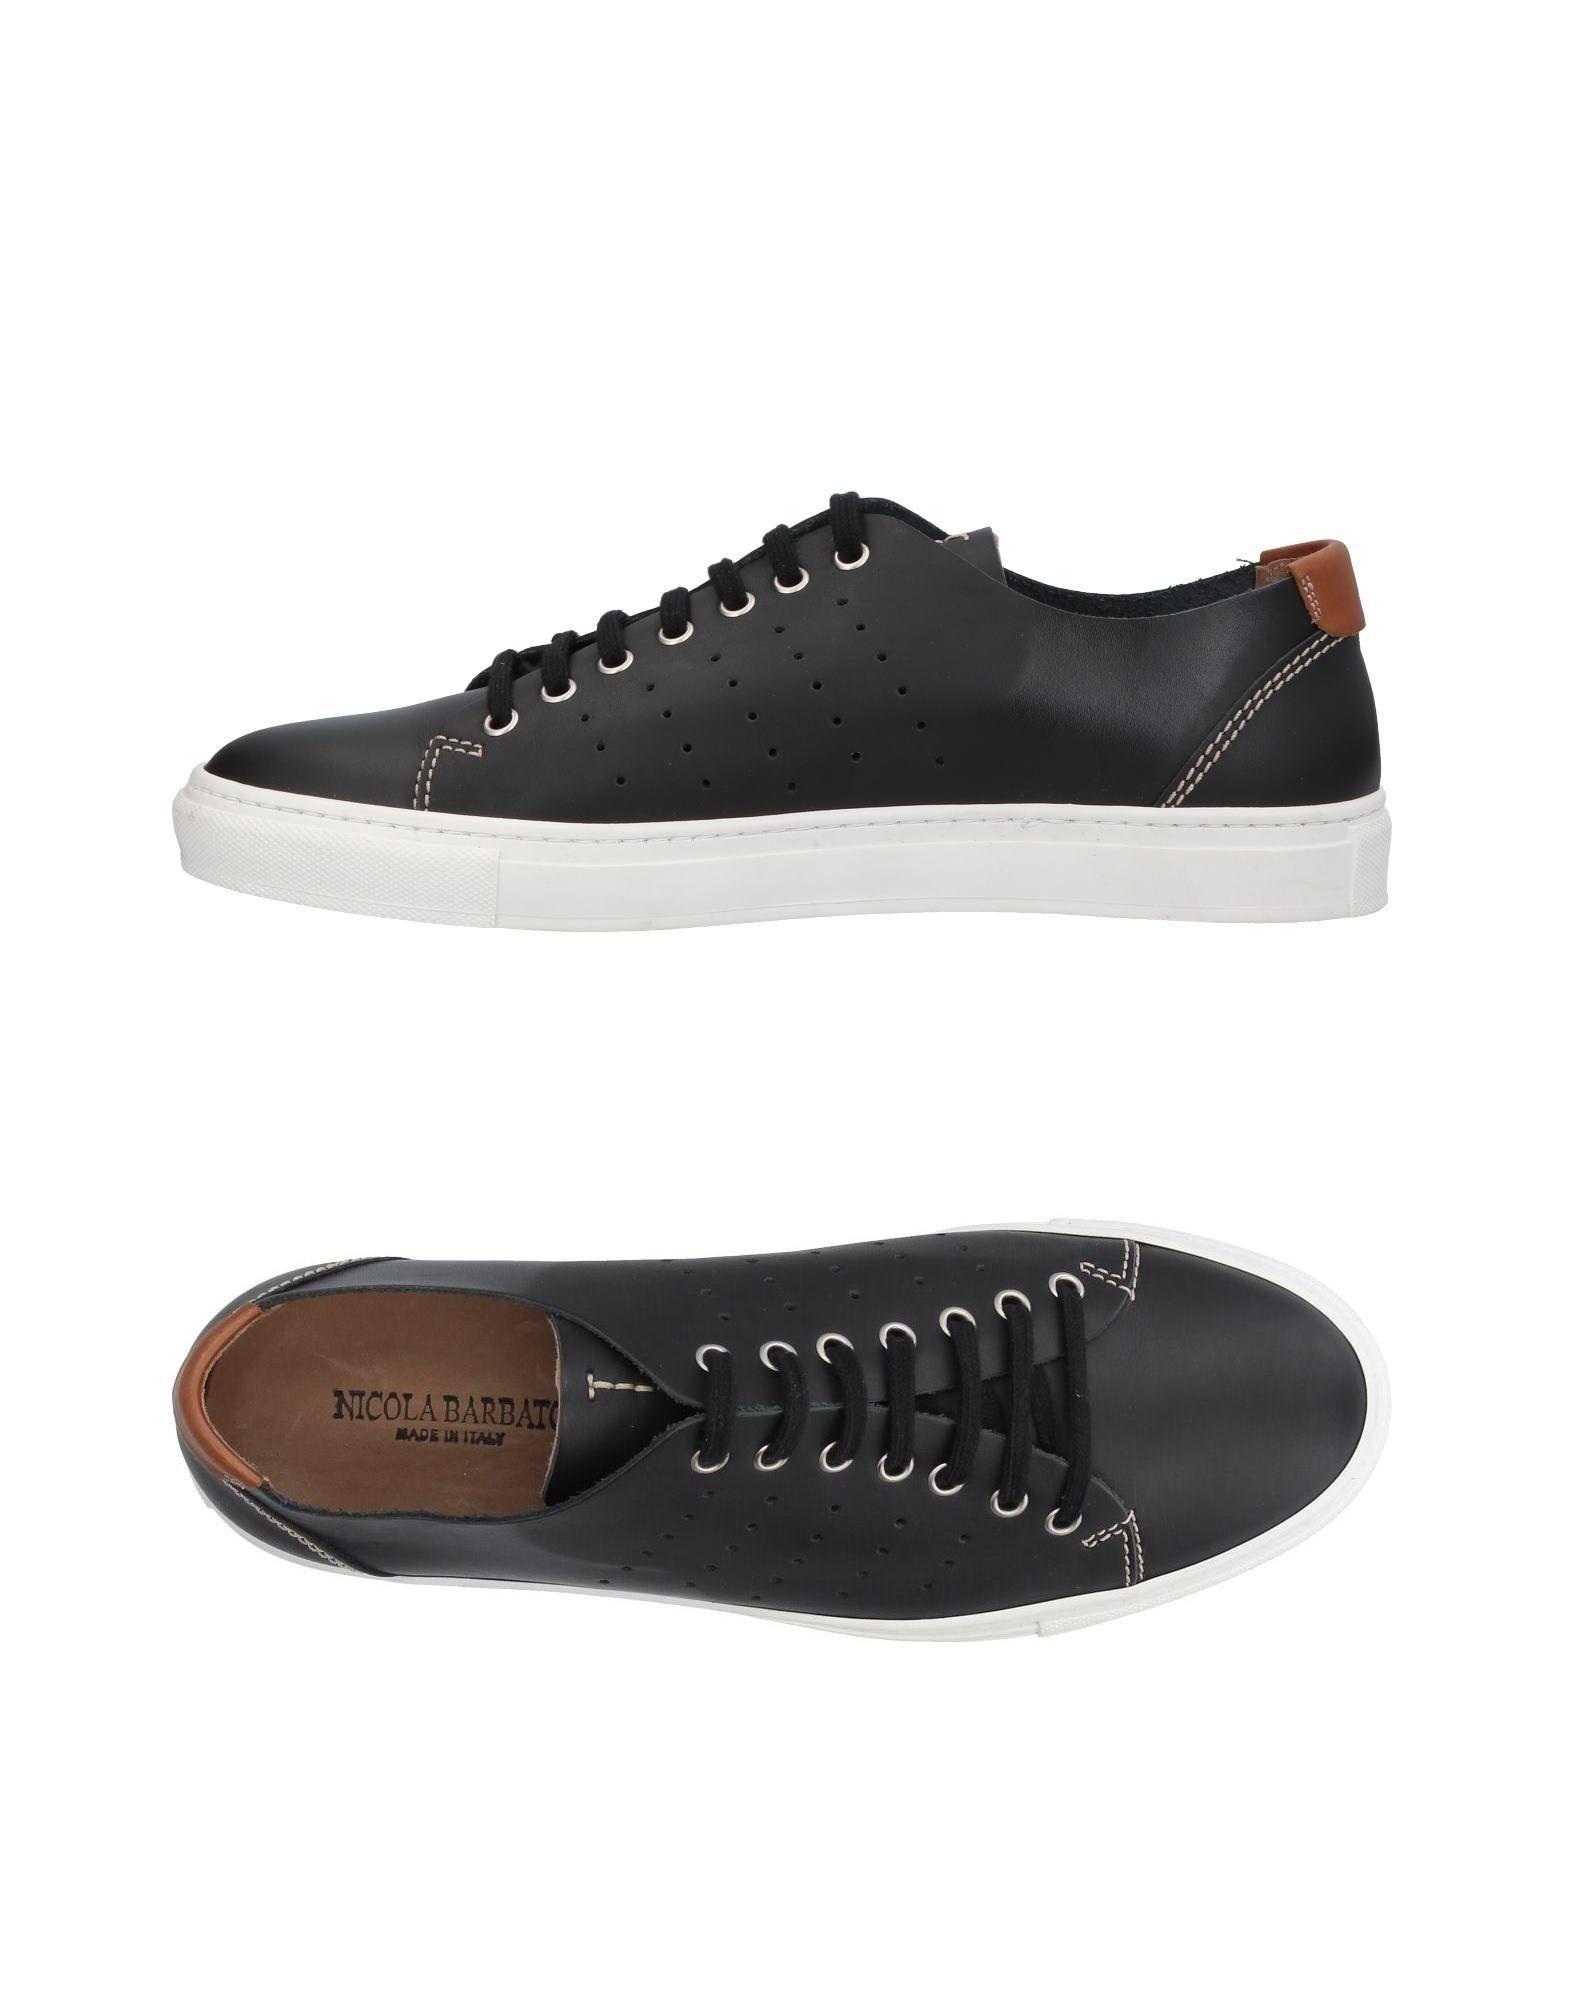 цены на NICOLA BARBATO Низкие кеды и кроссовки в интернет-магазинах